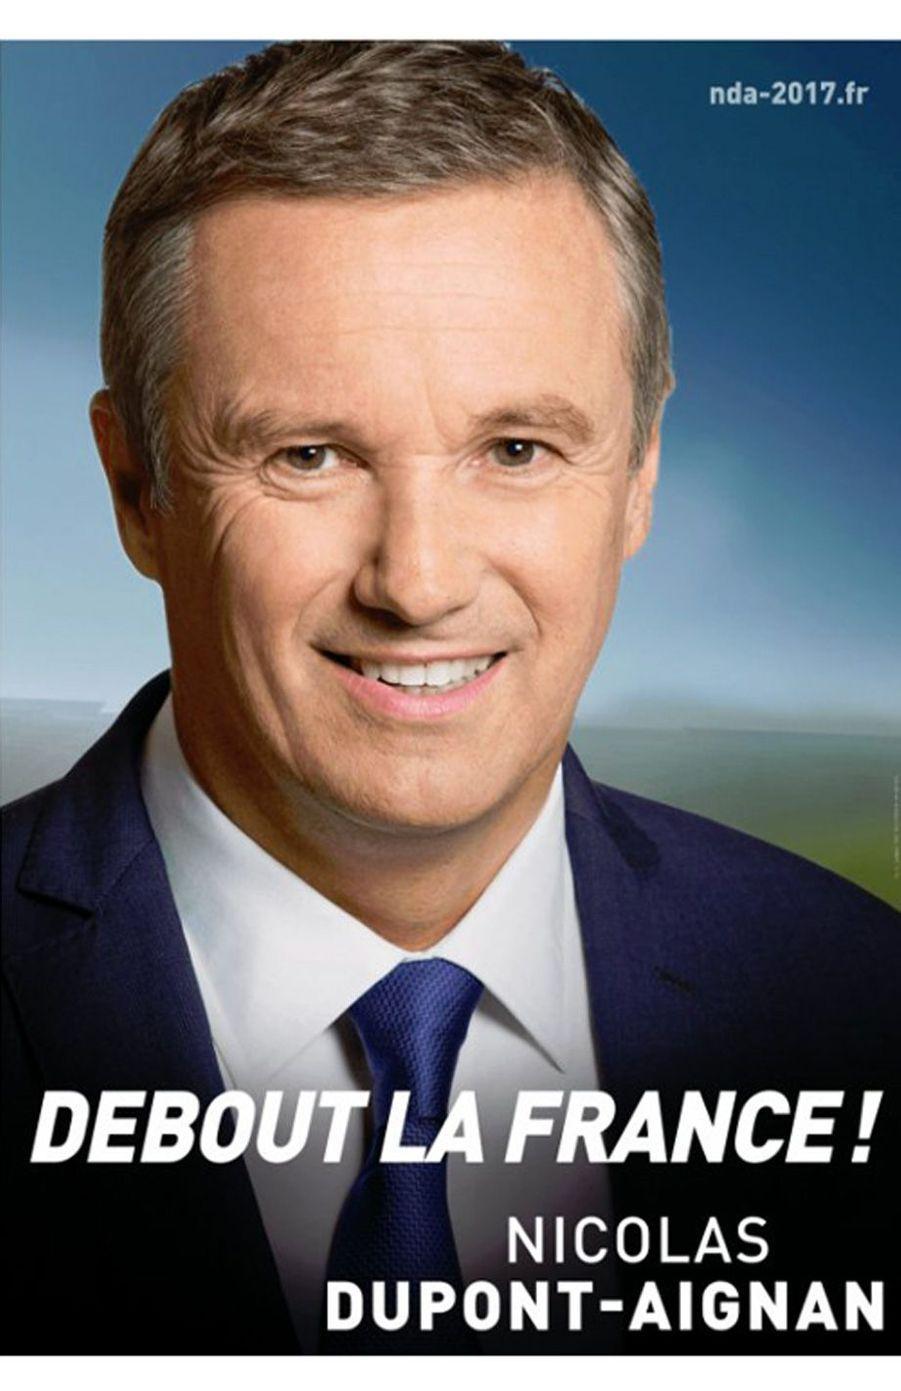 Nicolas Dupont-Aignan (Debout la France)